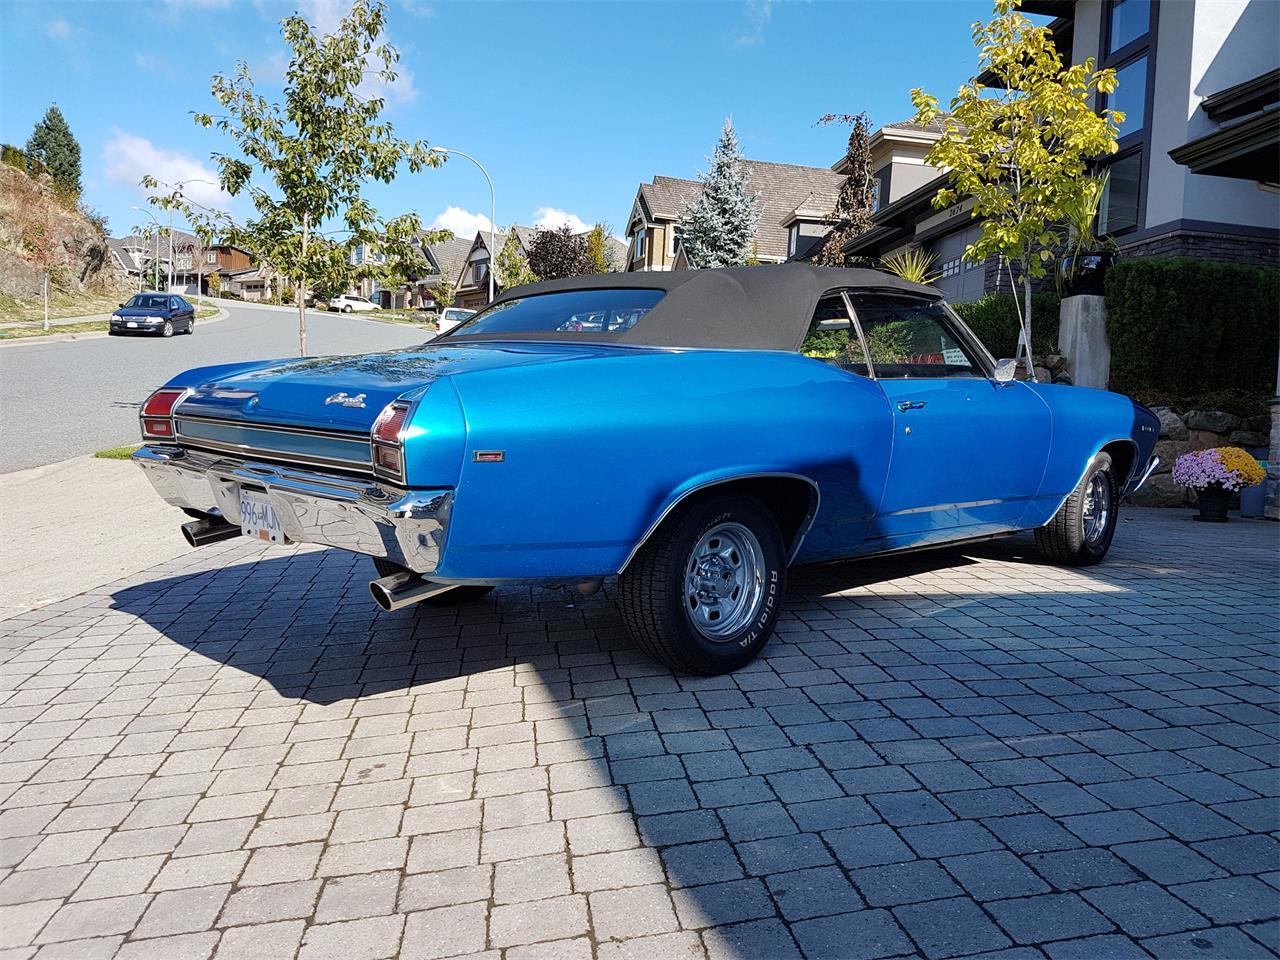 1969 Chevrolet Chevelle Malibu (CC-1239339) for sale in Abbotsford, British Columbia